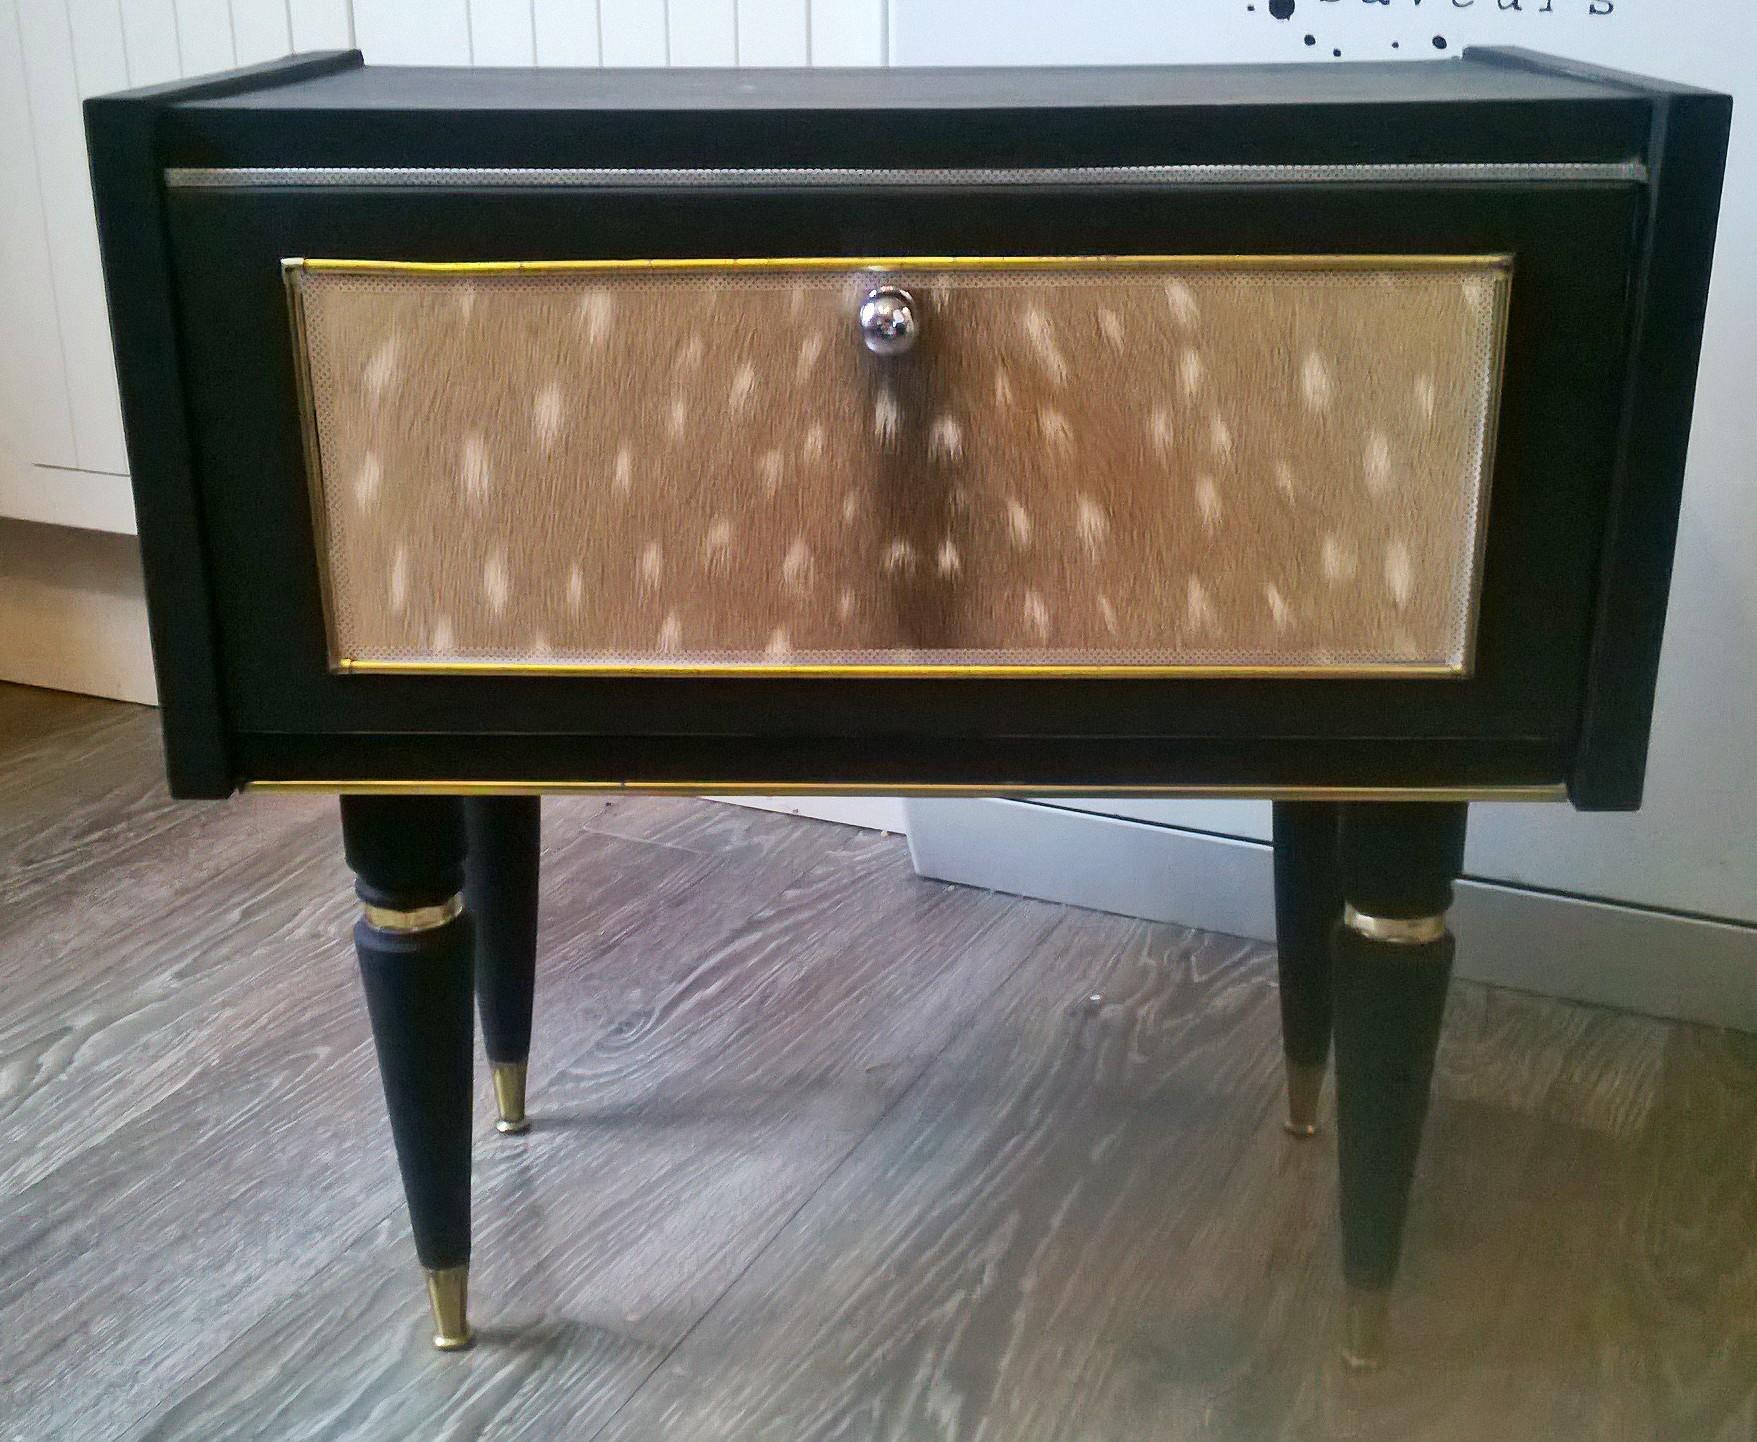 j 39 ai test pour vous la peinture noir queue de pie de chez lib ron blog z dio. Black Bedroom Furniture Sets. Home Design Ideas